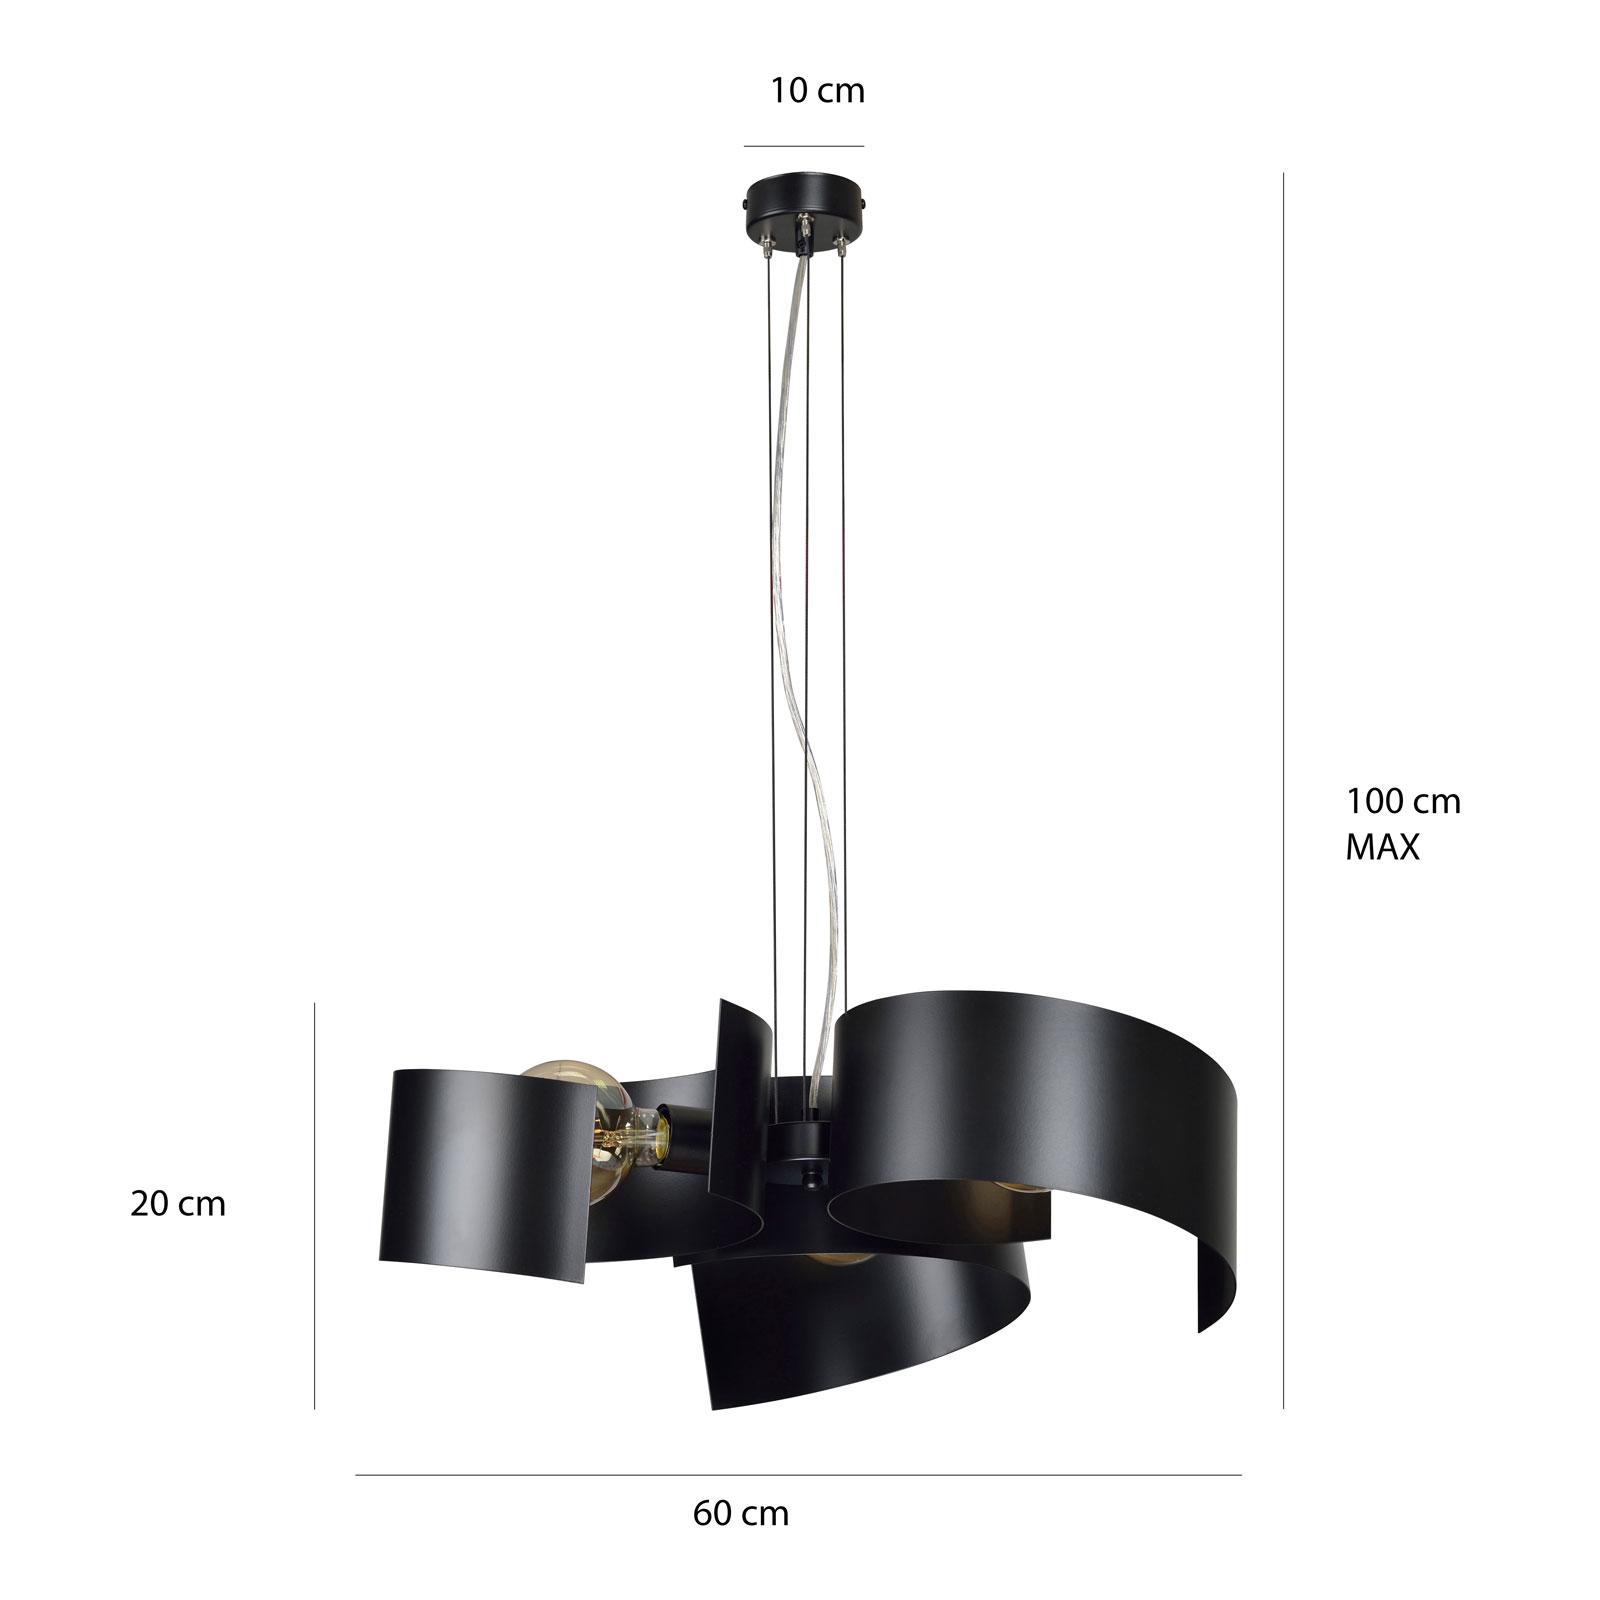 Suspension Eos 3 Black en acier laqué